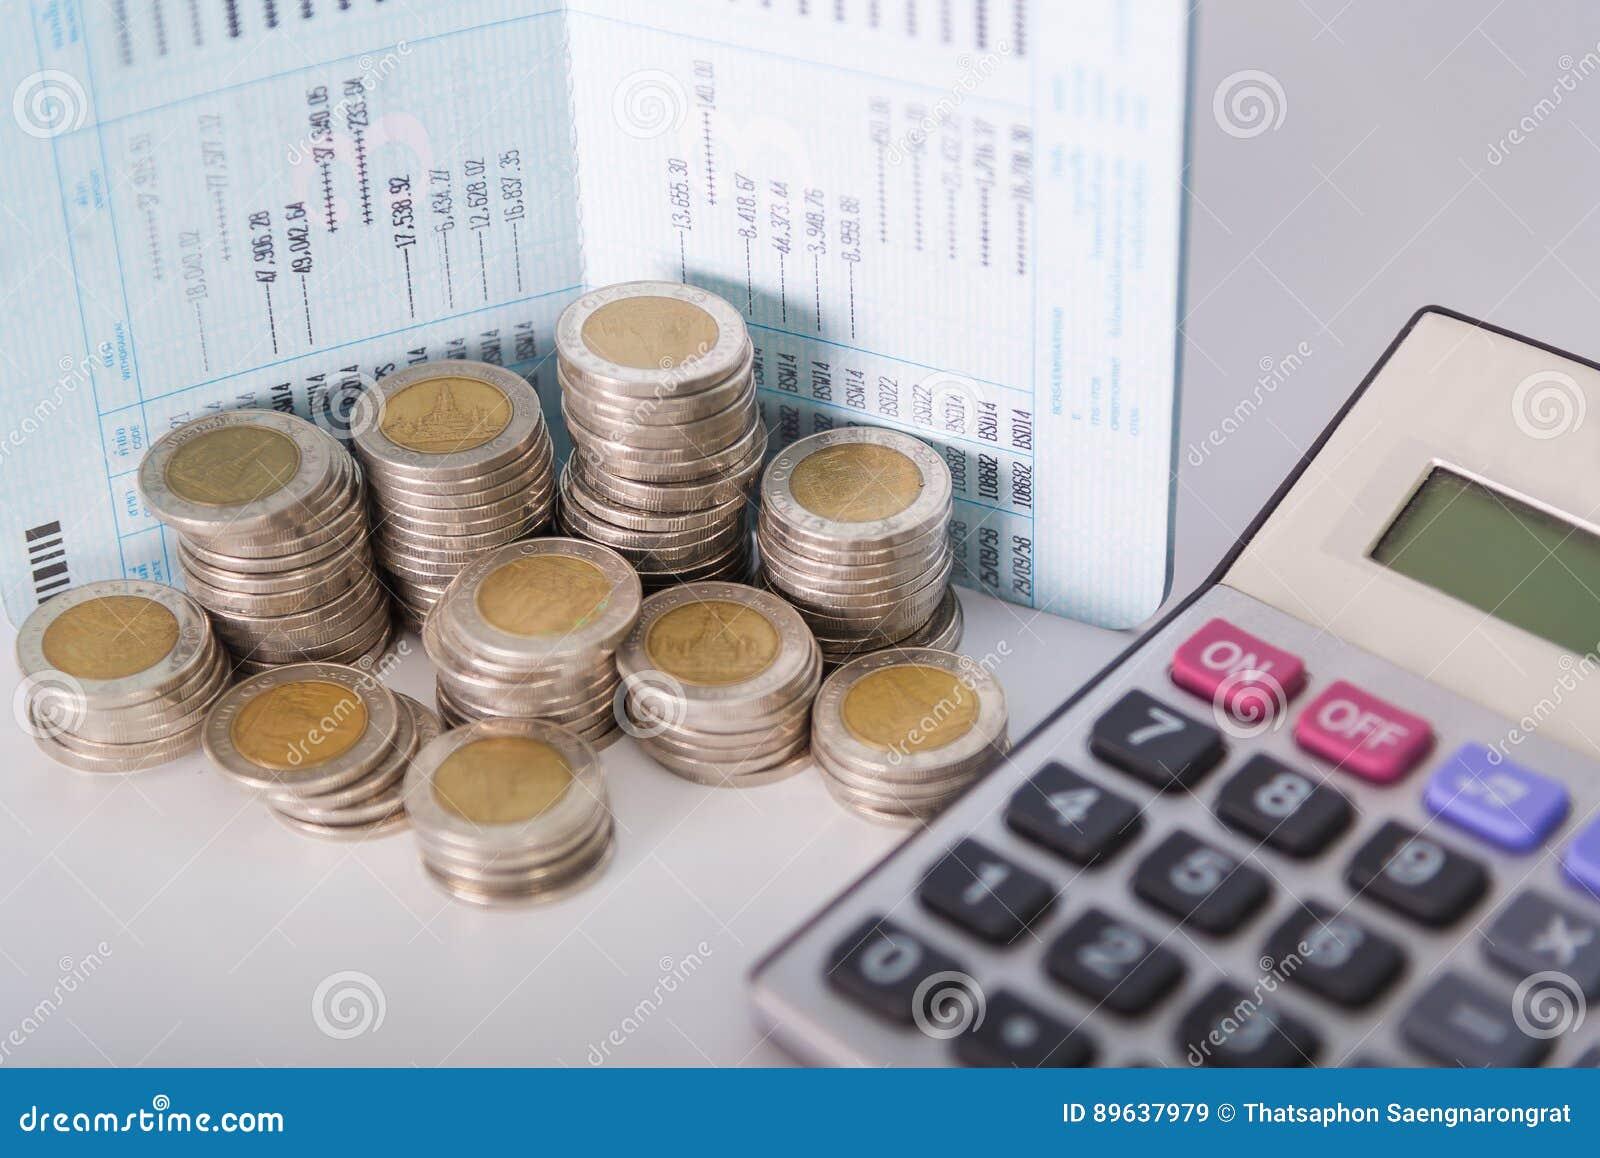 Colonnes croissantes des pièces de monnaie, piles des pièces de monnaie disposées comme graphique